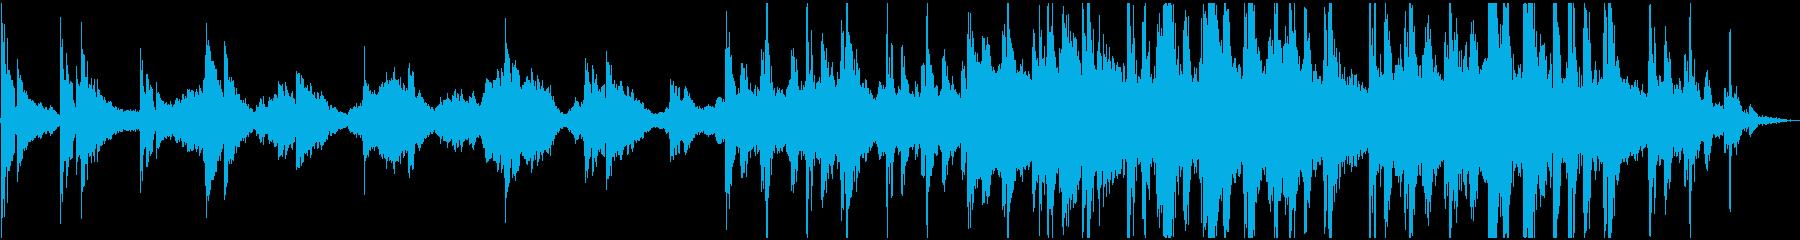 スパースブルースアコースティックギ...の再生済みの波形